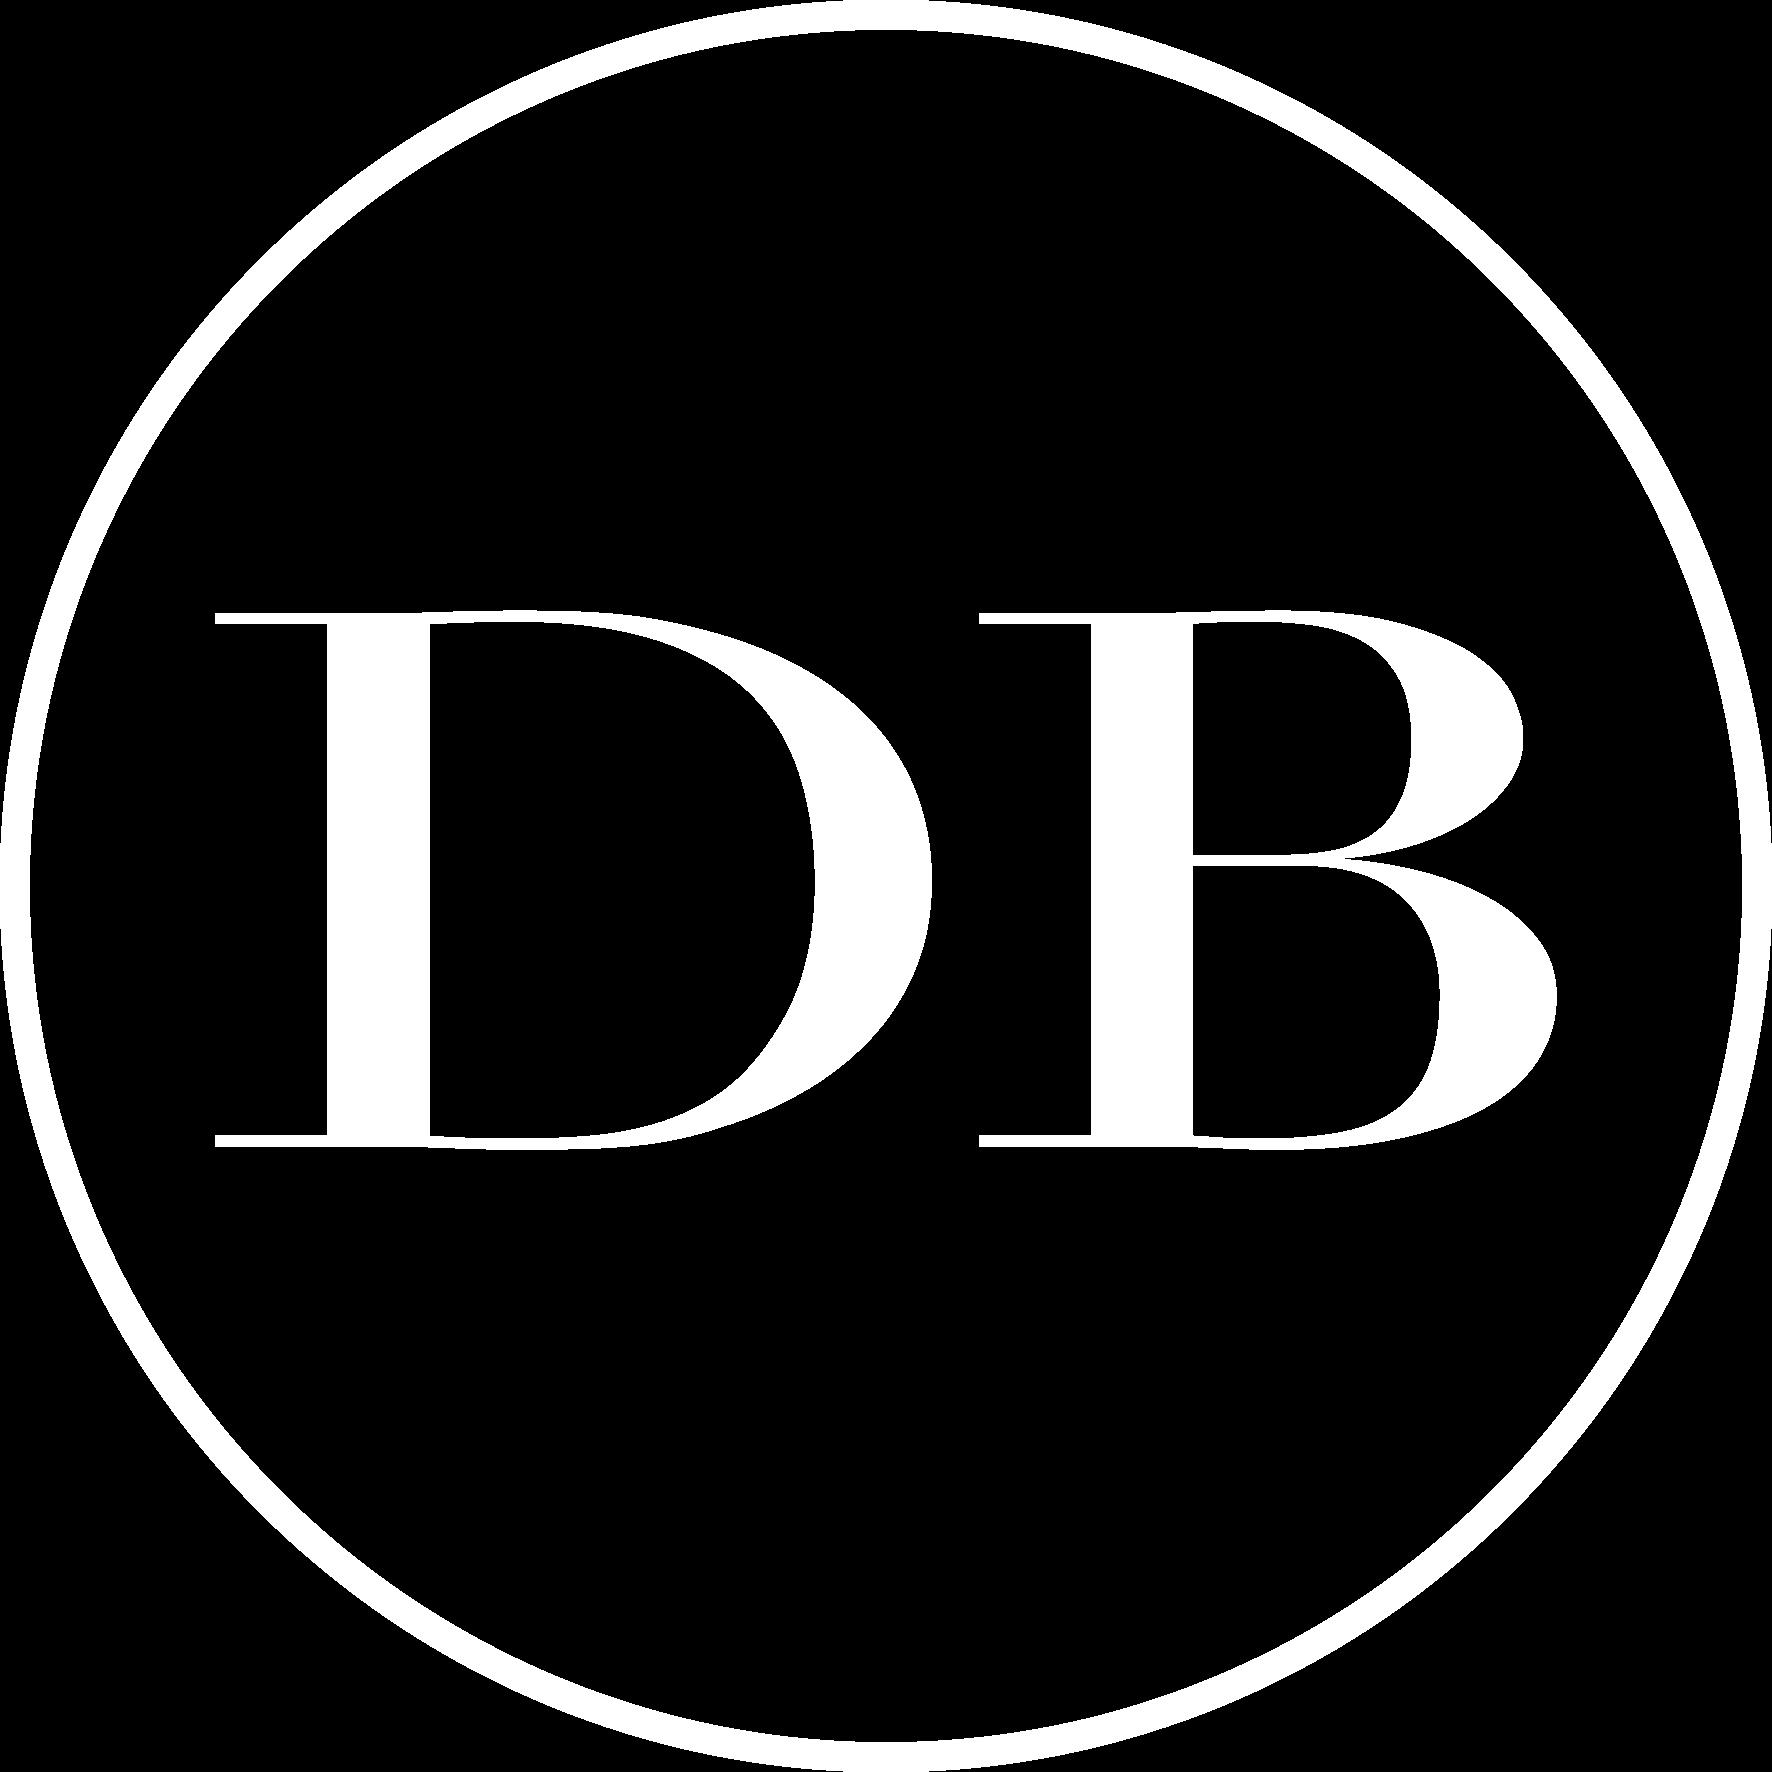 De Beers Group.